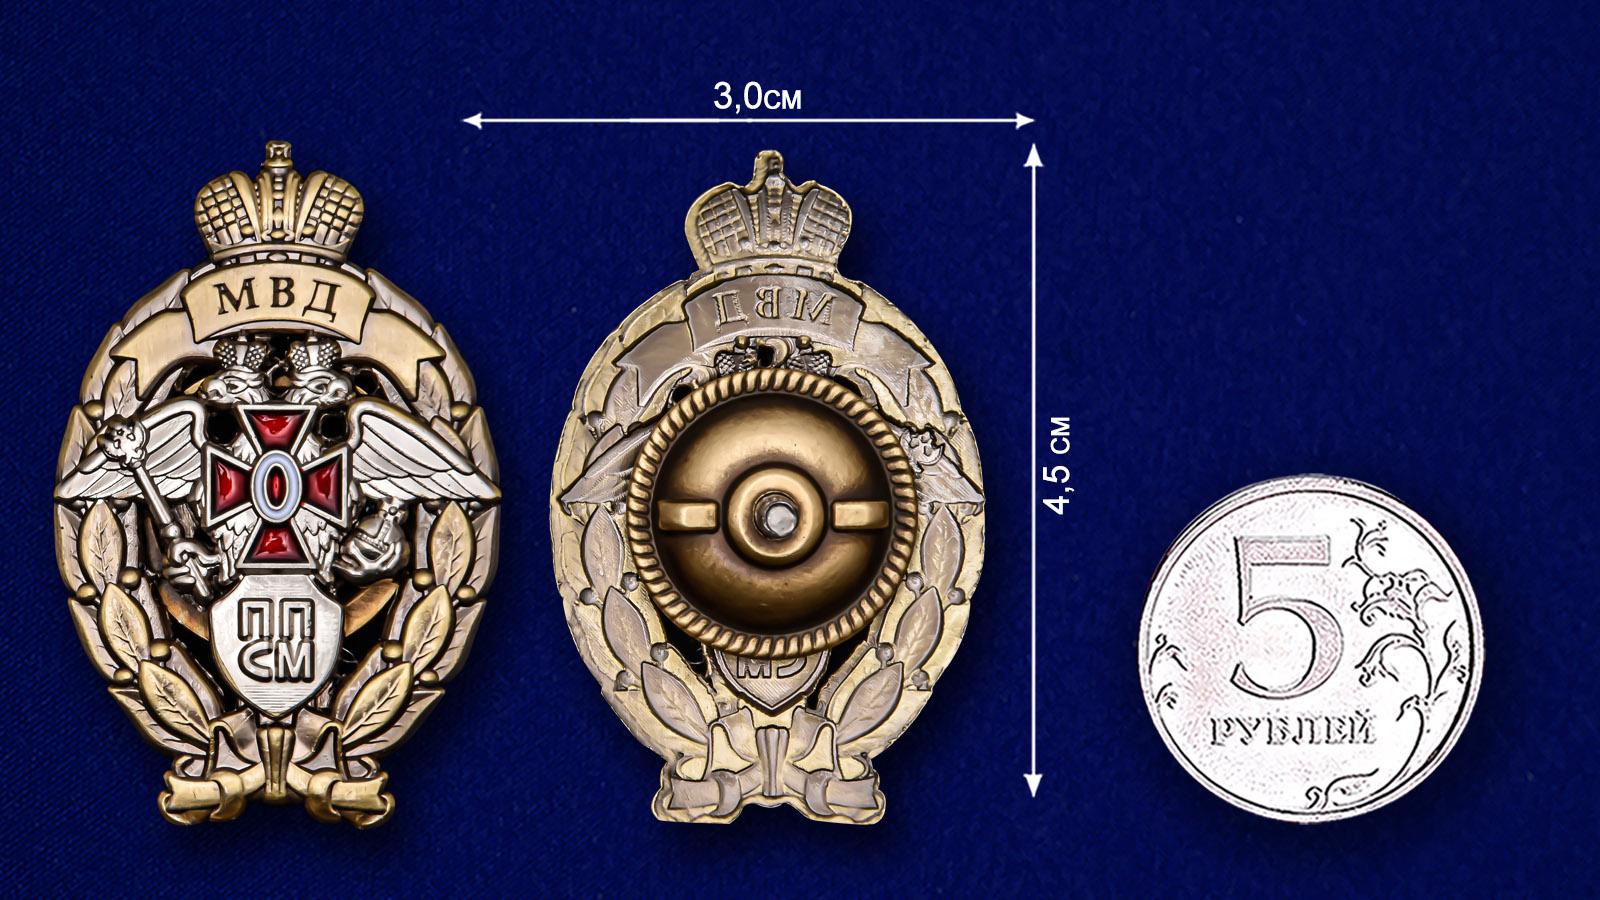 Латунный знак МВД Лучший сотрудник патрульно-постовой службы - сравнительный вид